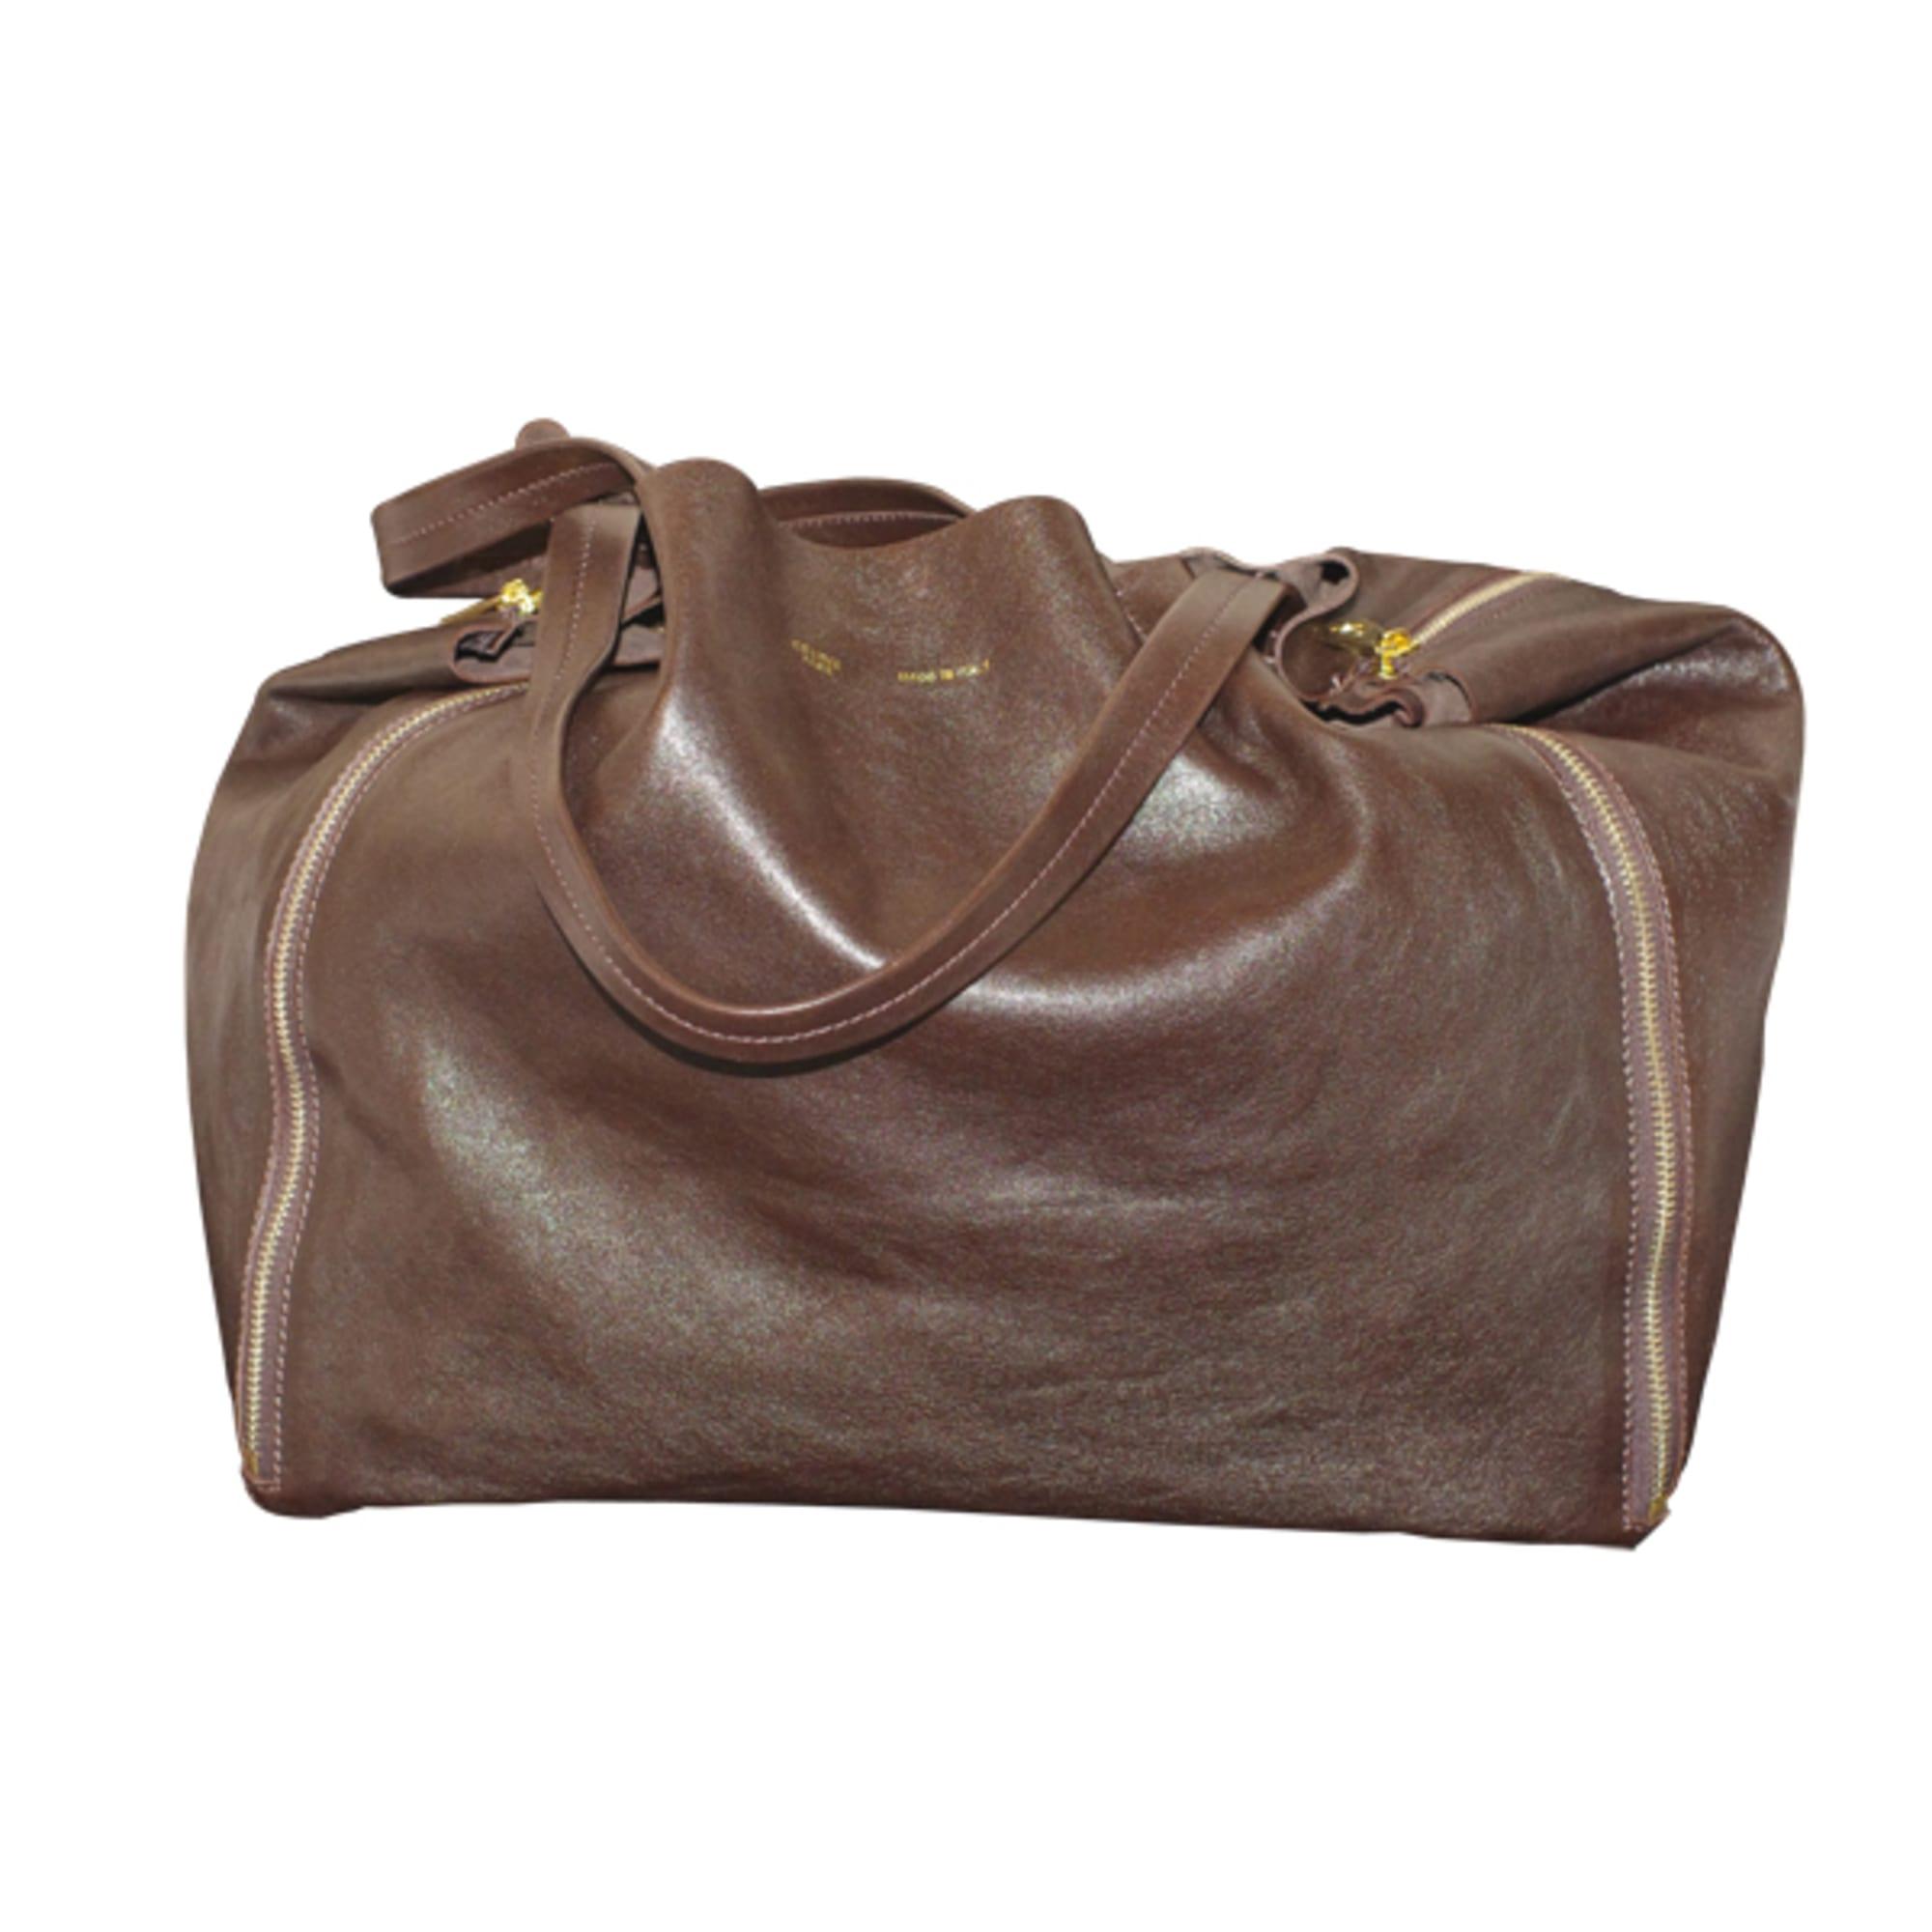 f6c34f3901 Sac à main en cuir CÉLINE marron vendu par Be nice - 1559877